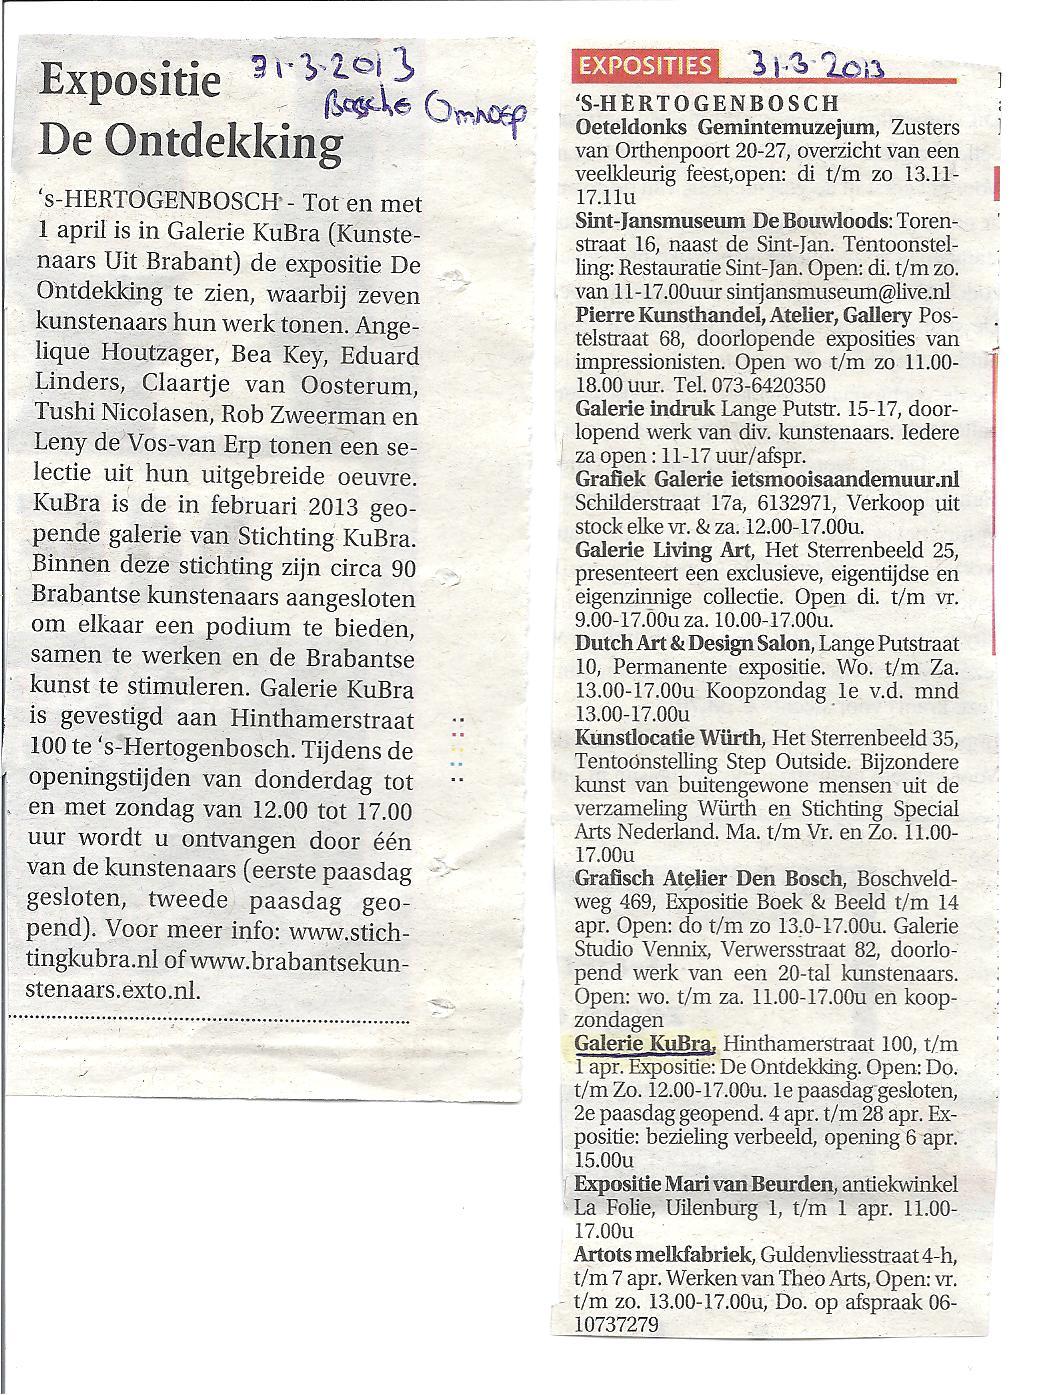 31 maart 2013 publicatie Bossche Omroep